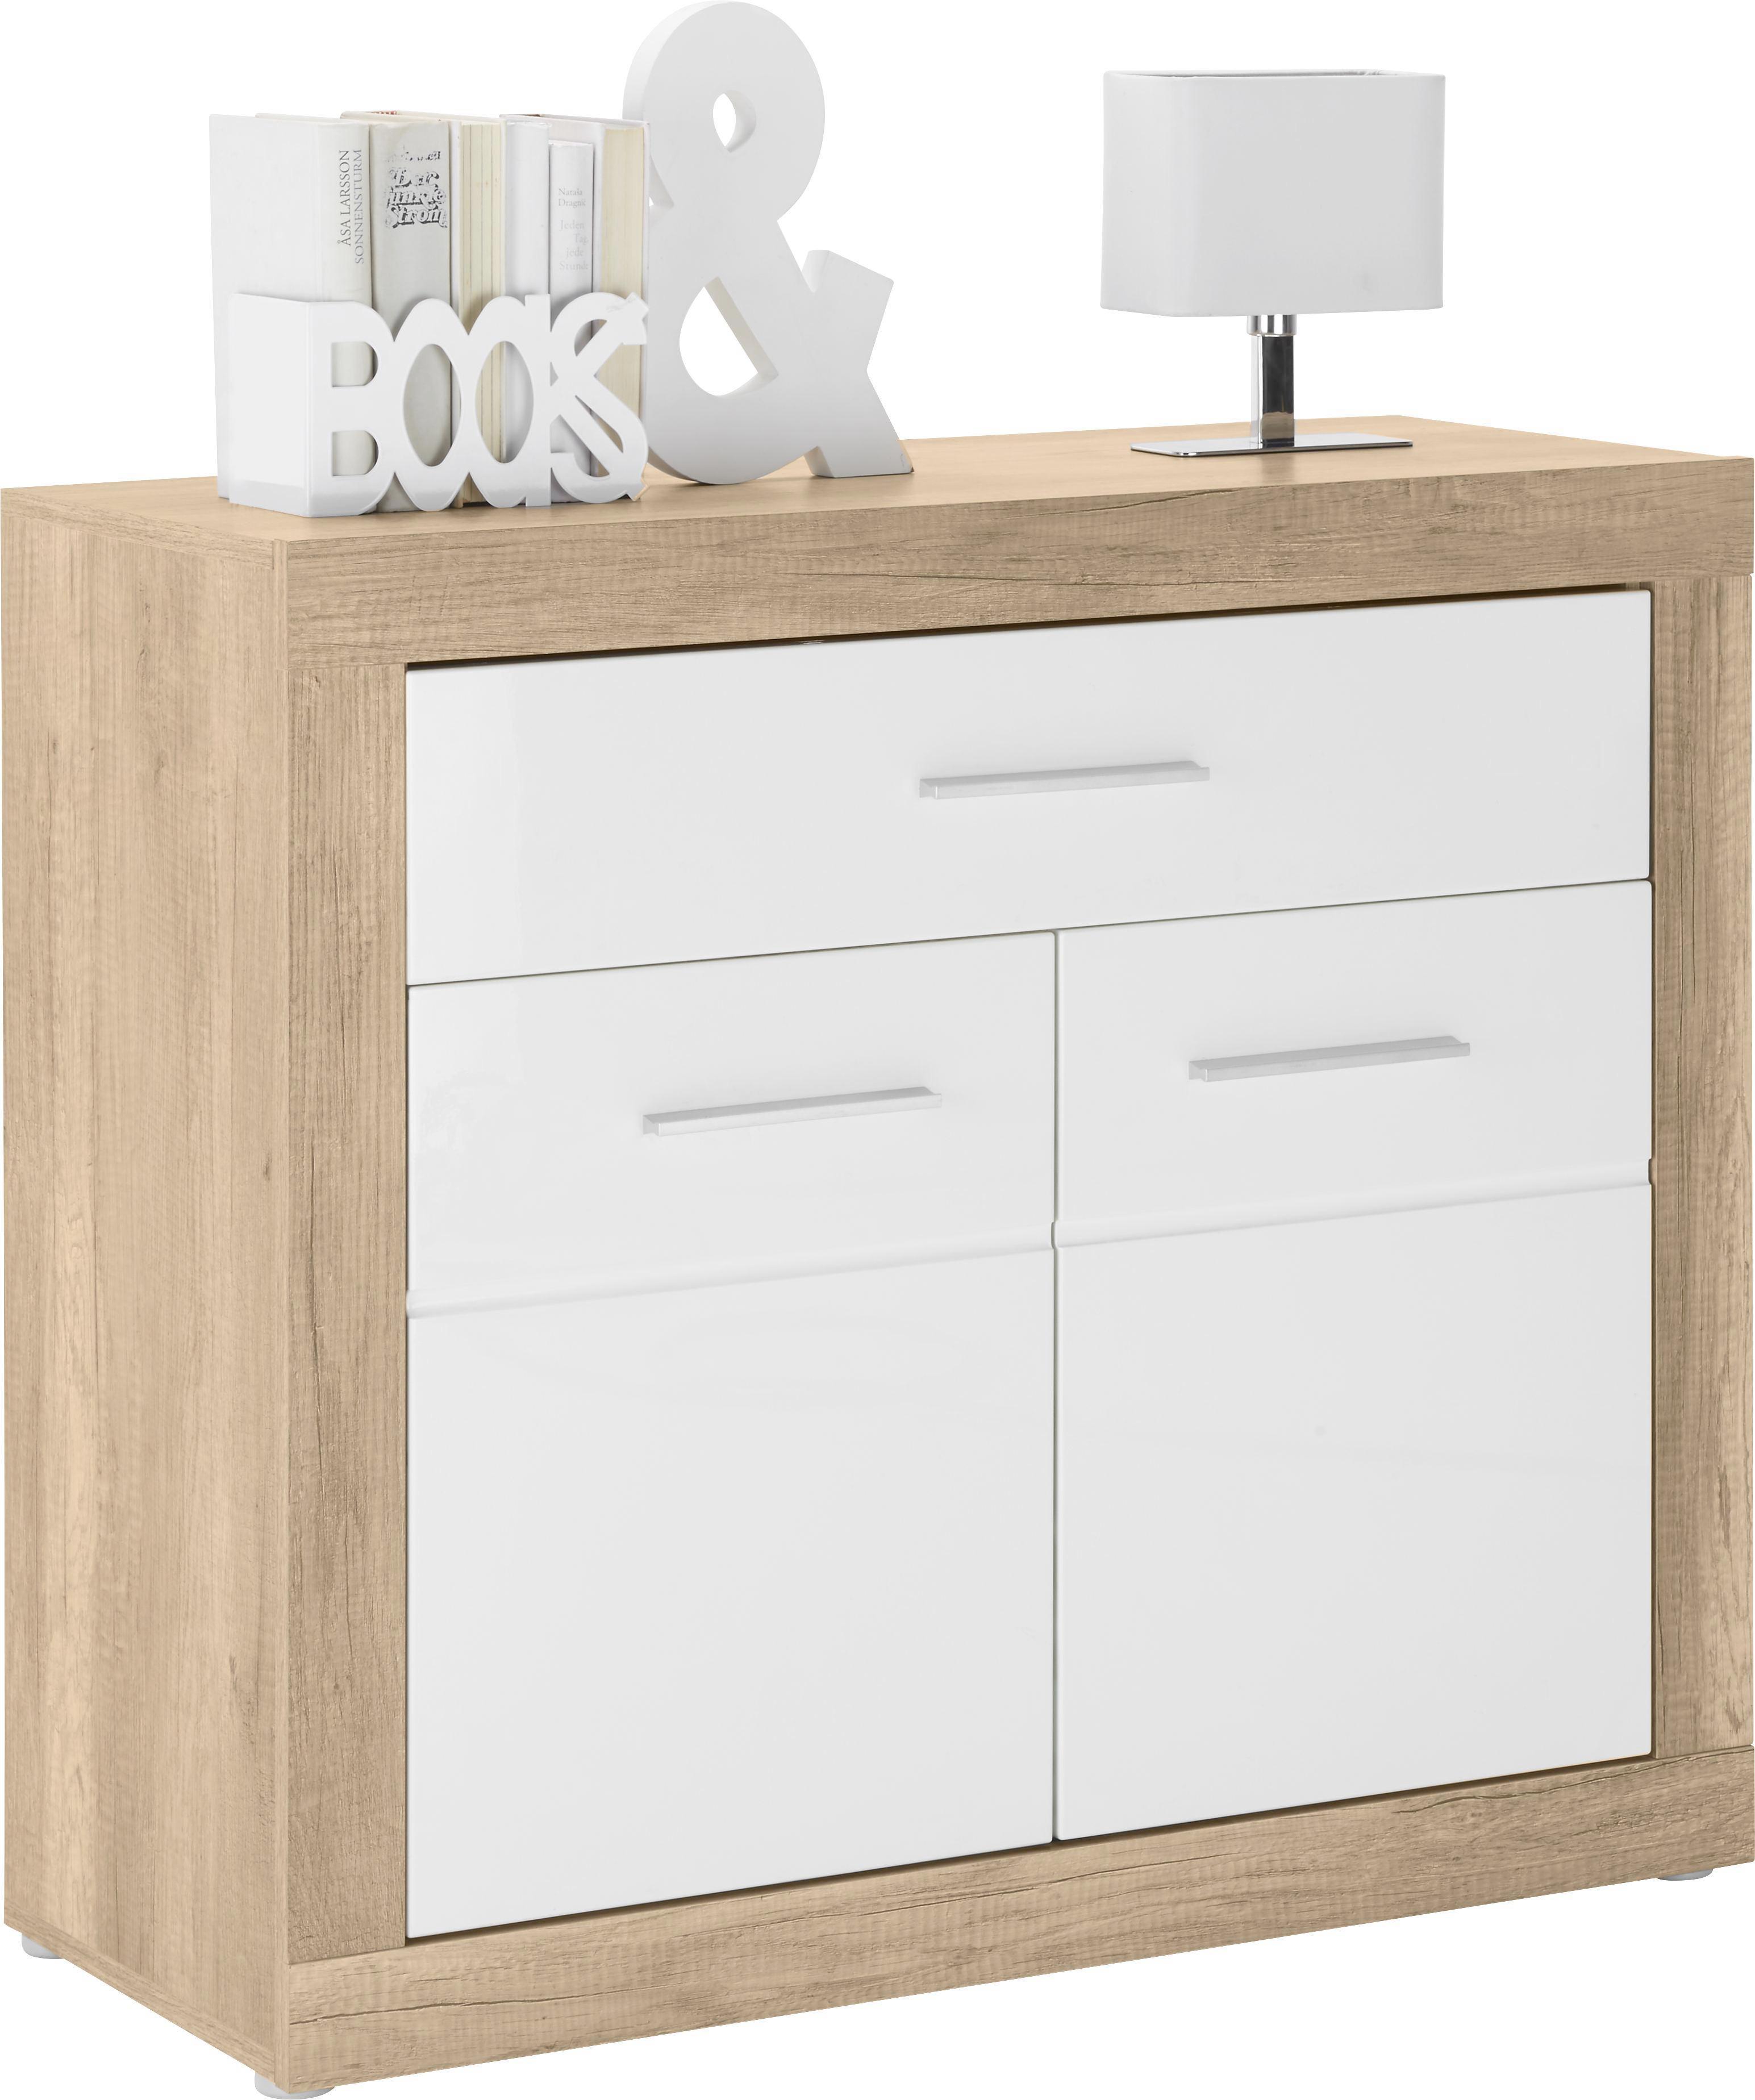 Kommode in Weiß/canyon Grey - Chromfarben/Weiß, MODERN, Holzwerkstoff/Kunststoff (96/86/40cm) - MÖMAX modern living